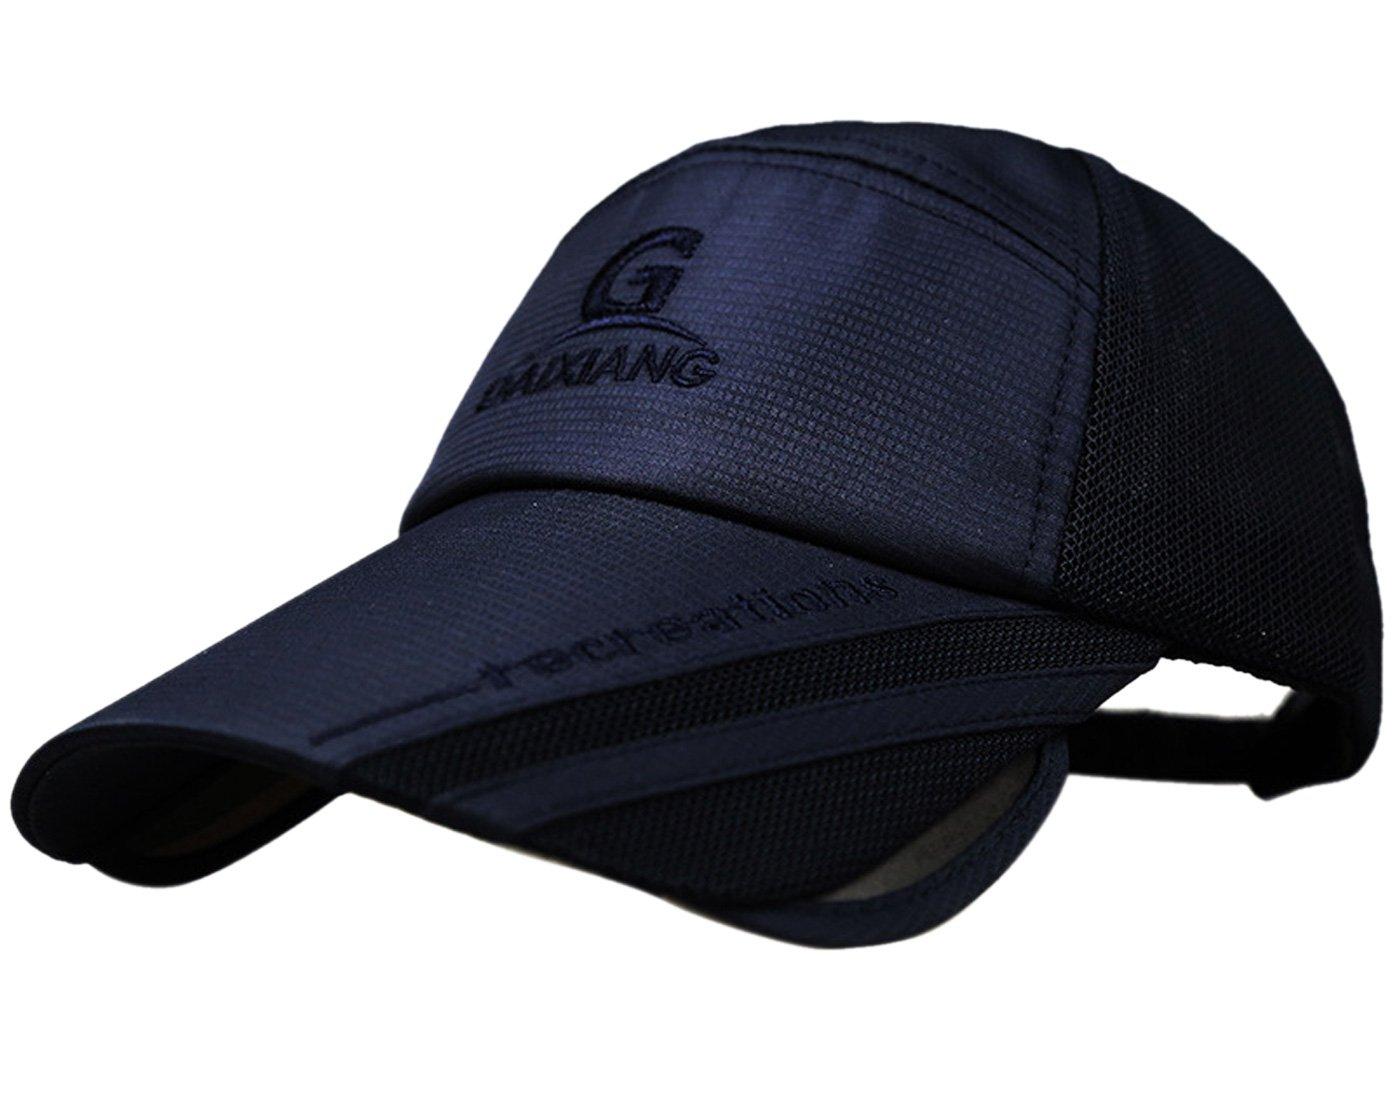 Mens Snapback Quick Dry Adjustable Baseball Race Running Summer Mesh Hat Cap Visor Navy